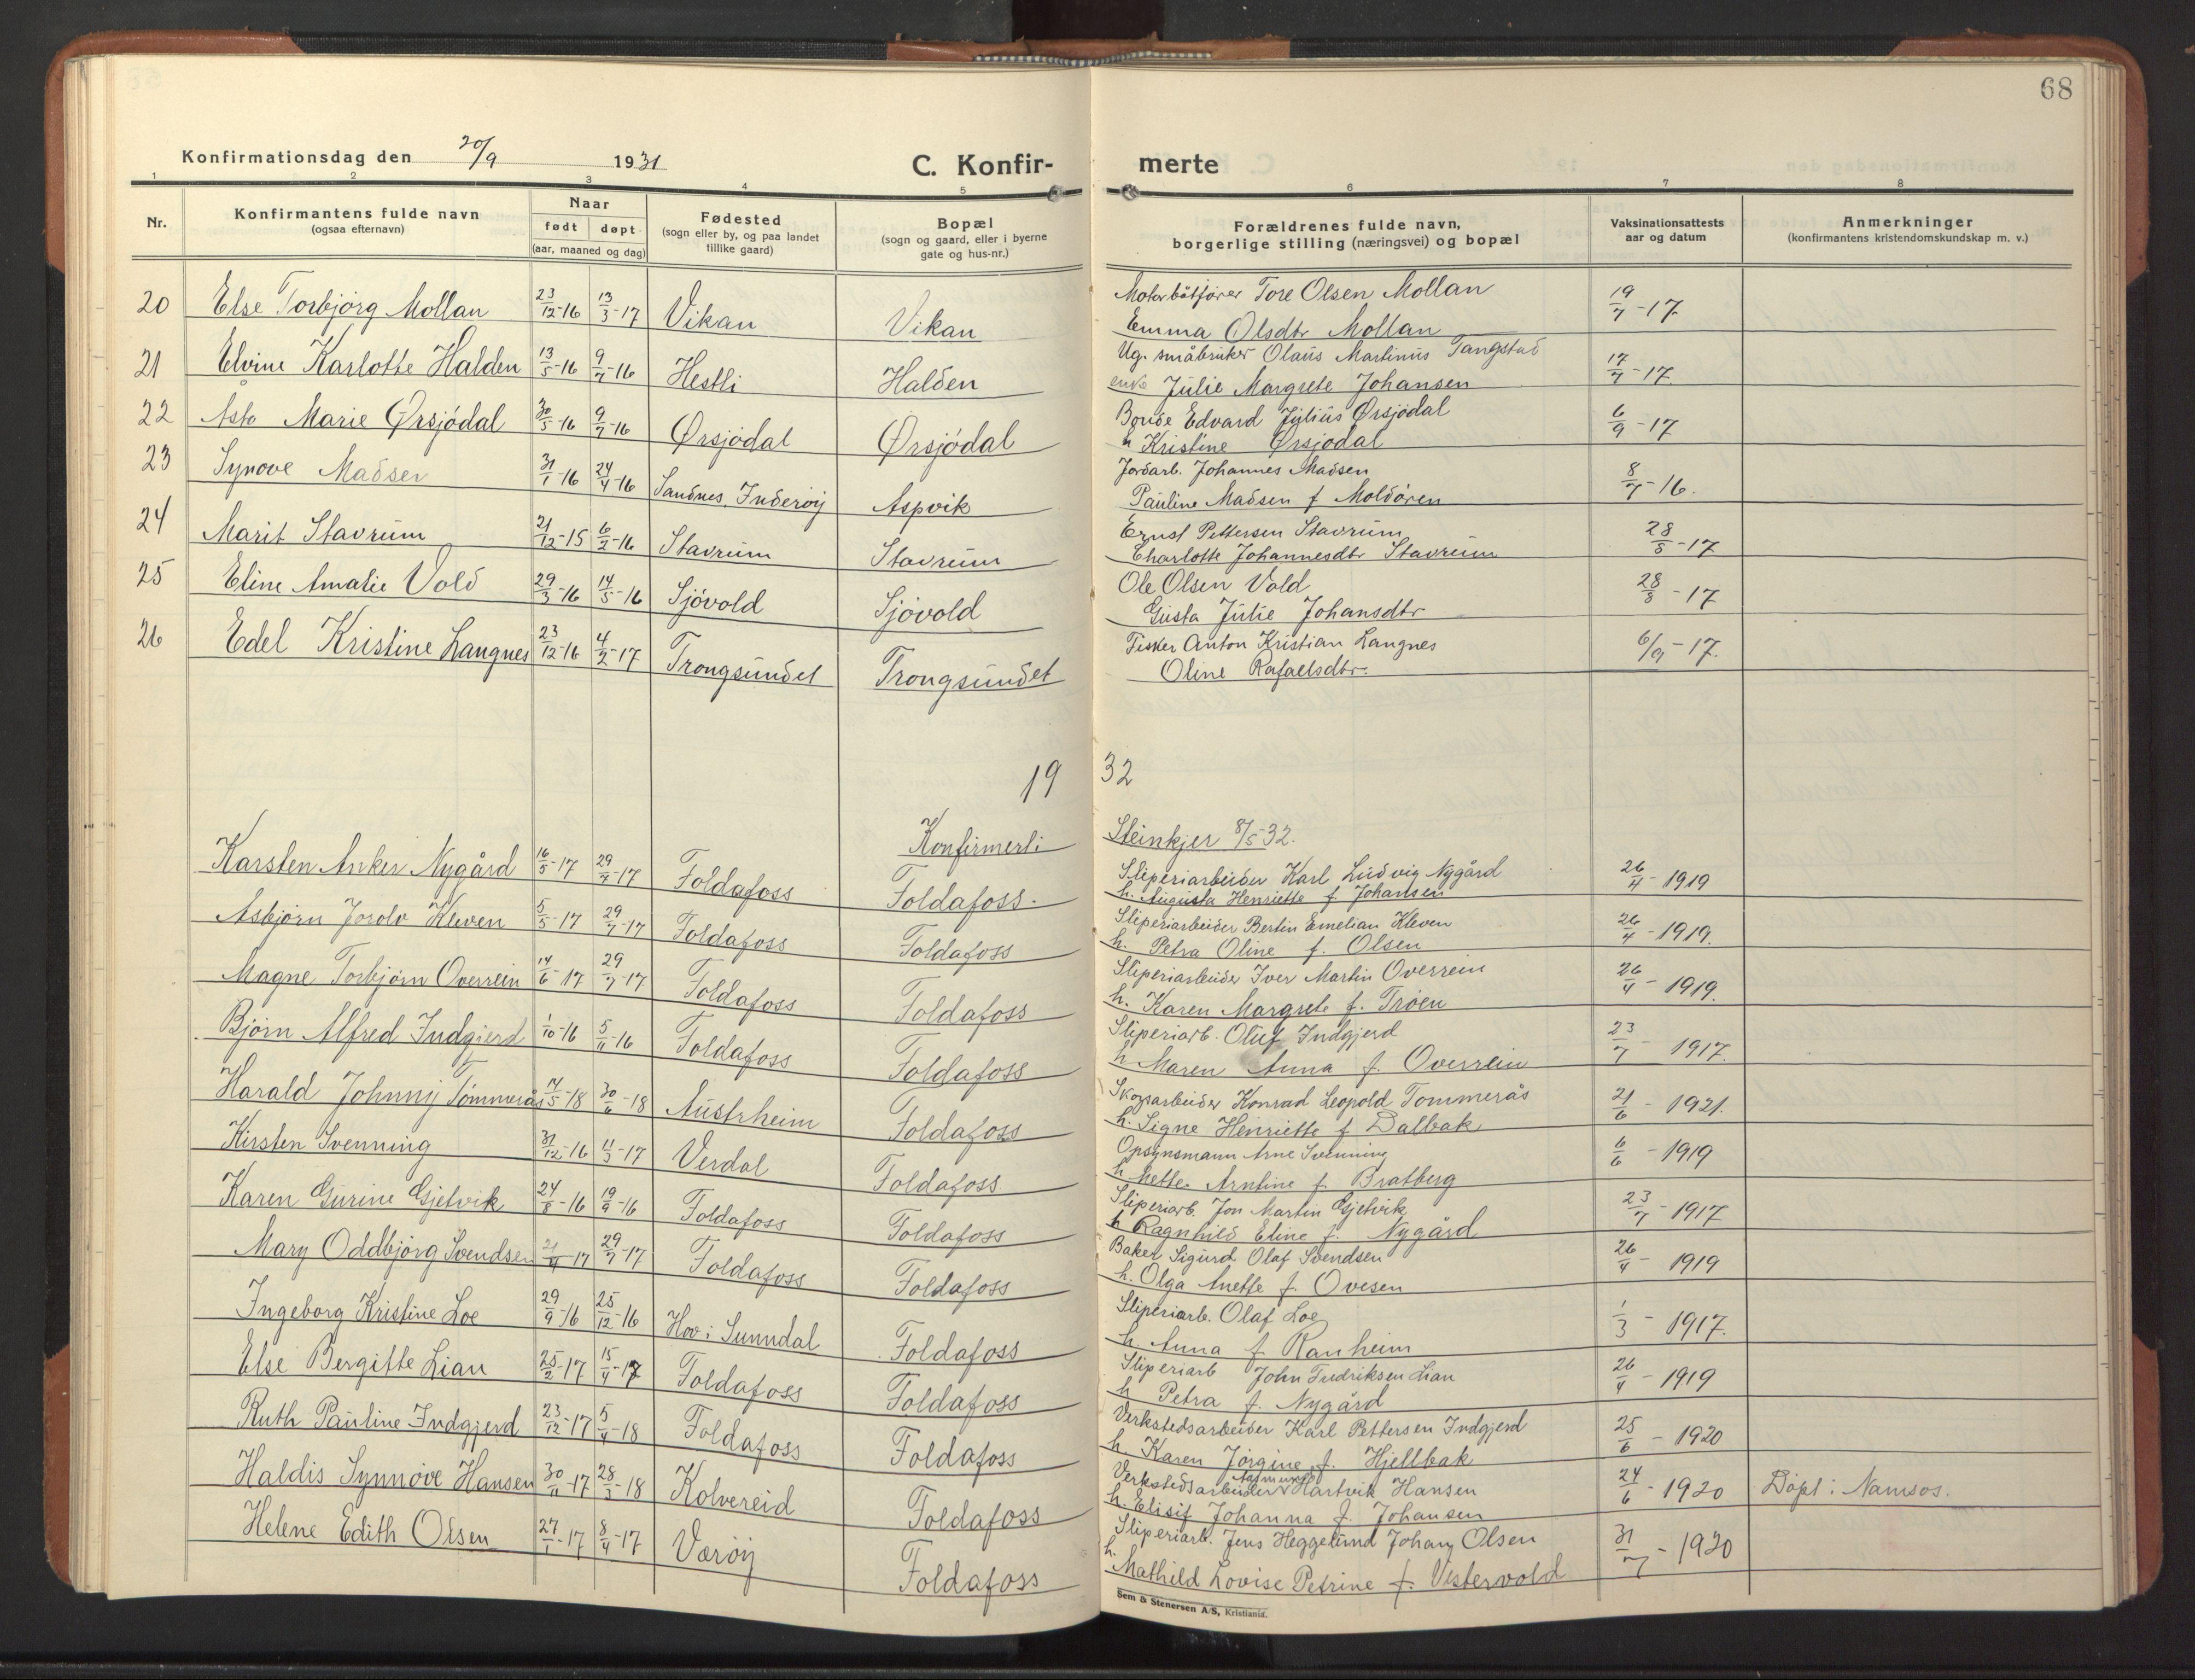 SAT, Ministerialprotokoller, klokkerbøker og fødselsregistre - Nord-Trøndelag, 744/L0425: Klokkerbok nr. 744C04, 1924-1947, s. 68